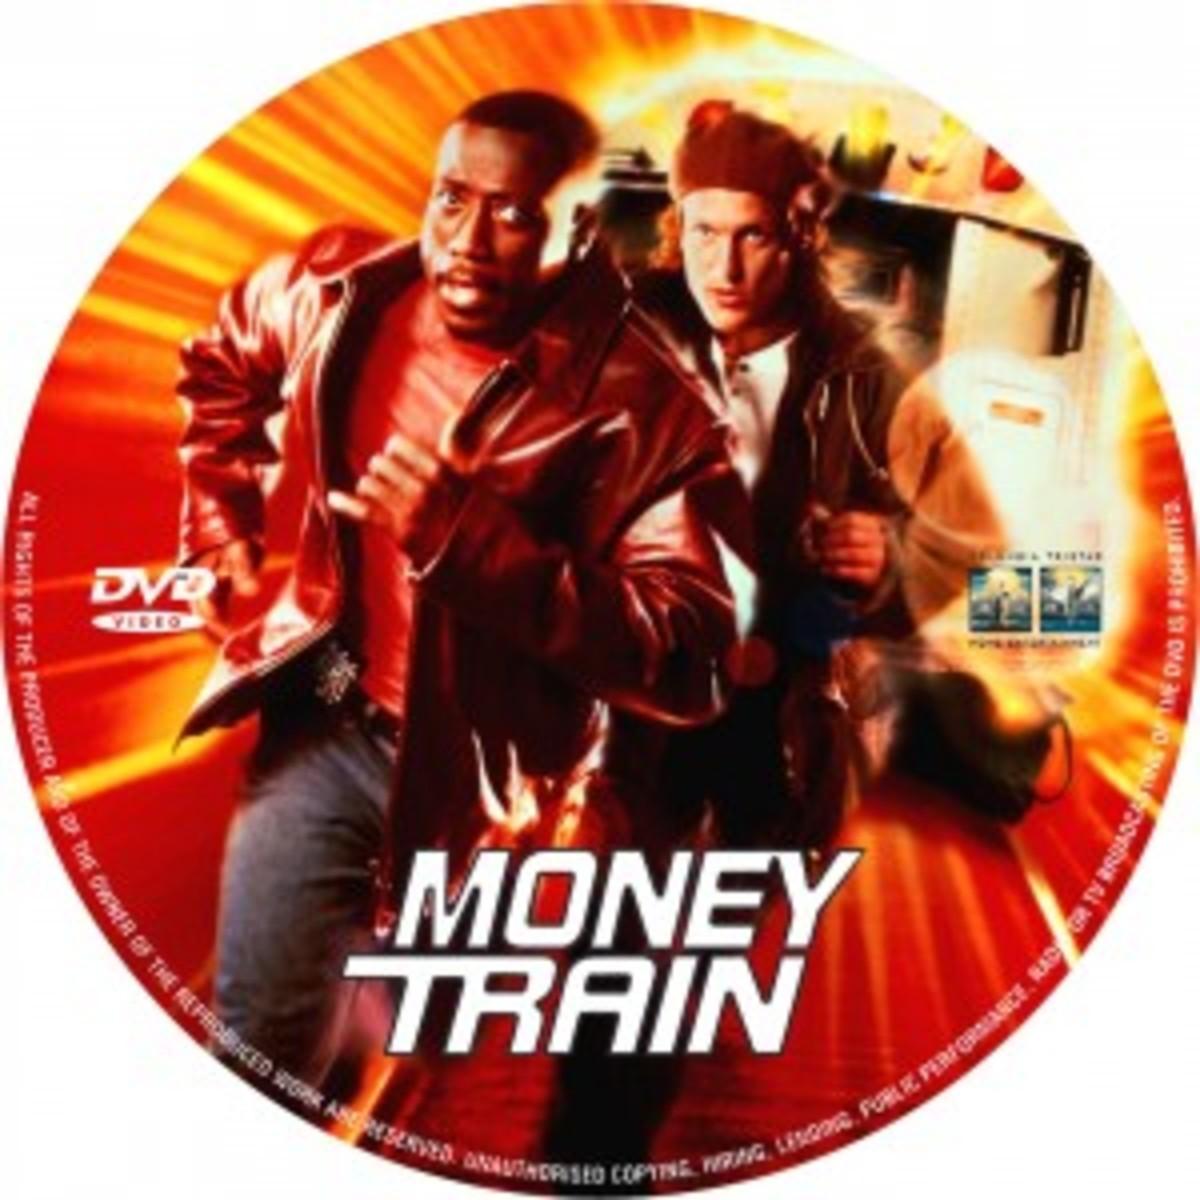 Money_Train_1995_WS_R1-cd-www.GetCovers.net_-300x300